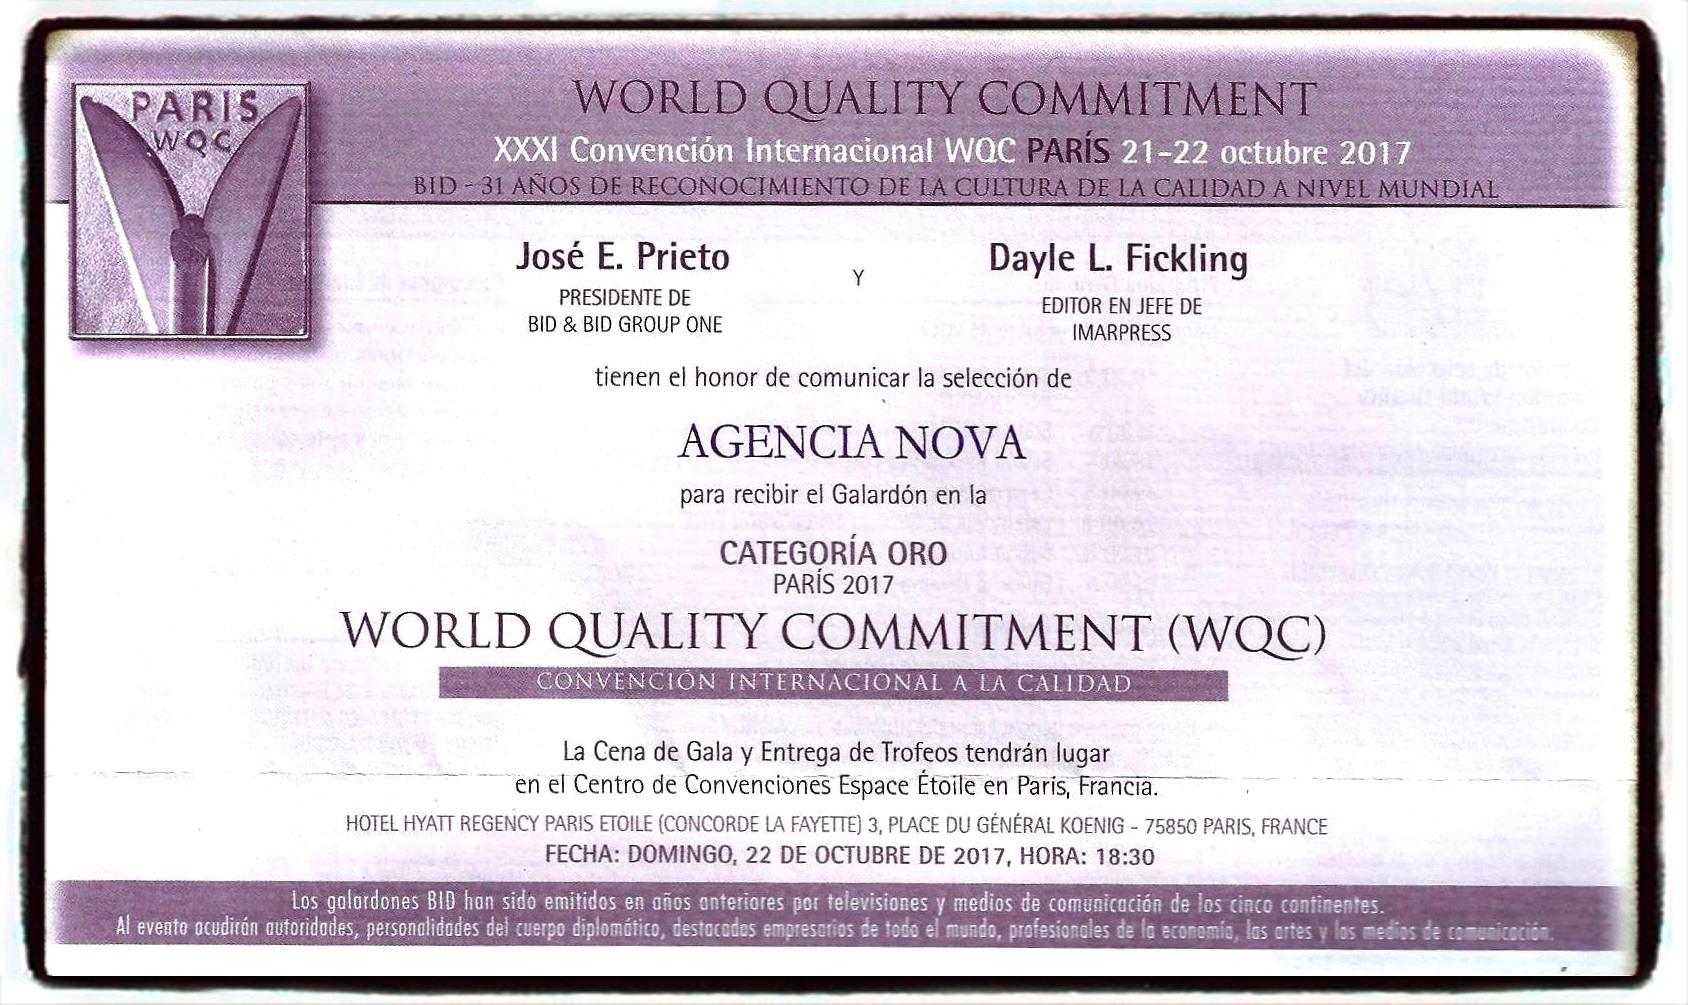 Producto del trabajo diario, Multimedios NOVA fue nominado para recibir el Premio World Quality Commitment en la categoría Oro, en la Convención Internacional BID (Business Iniciative Directions).